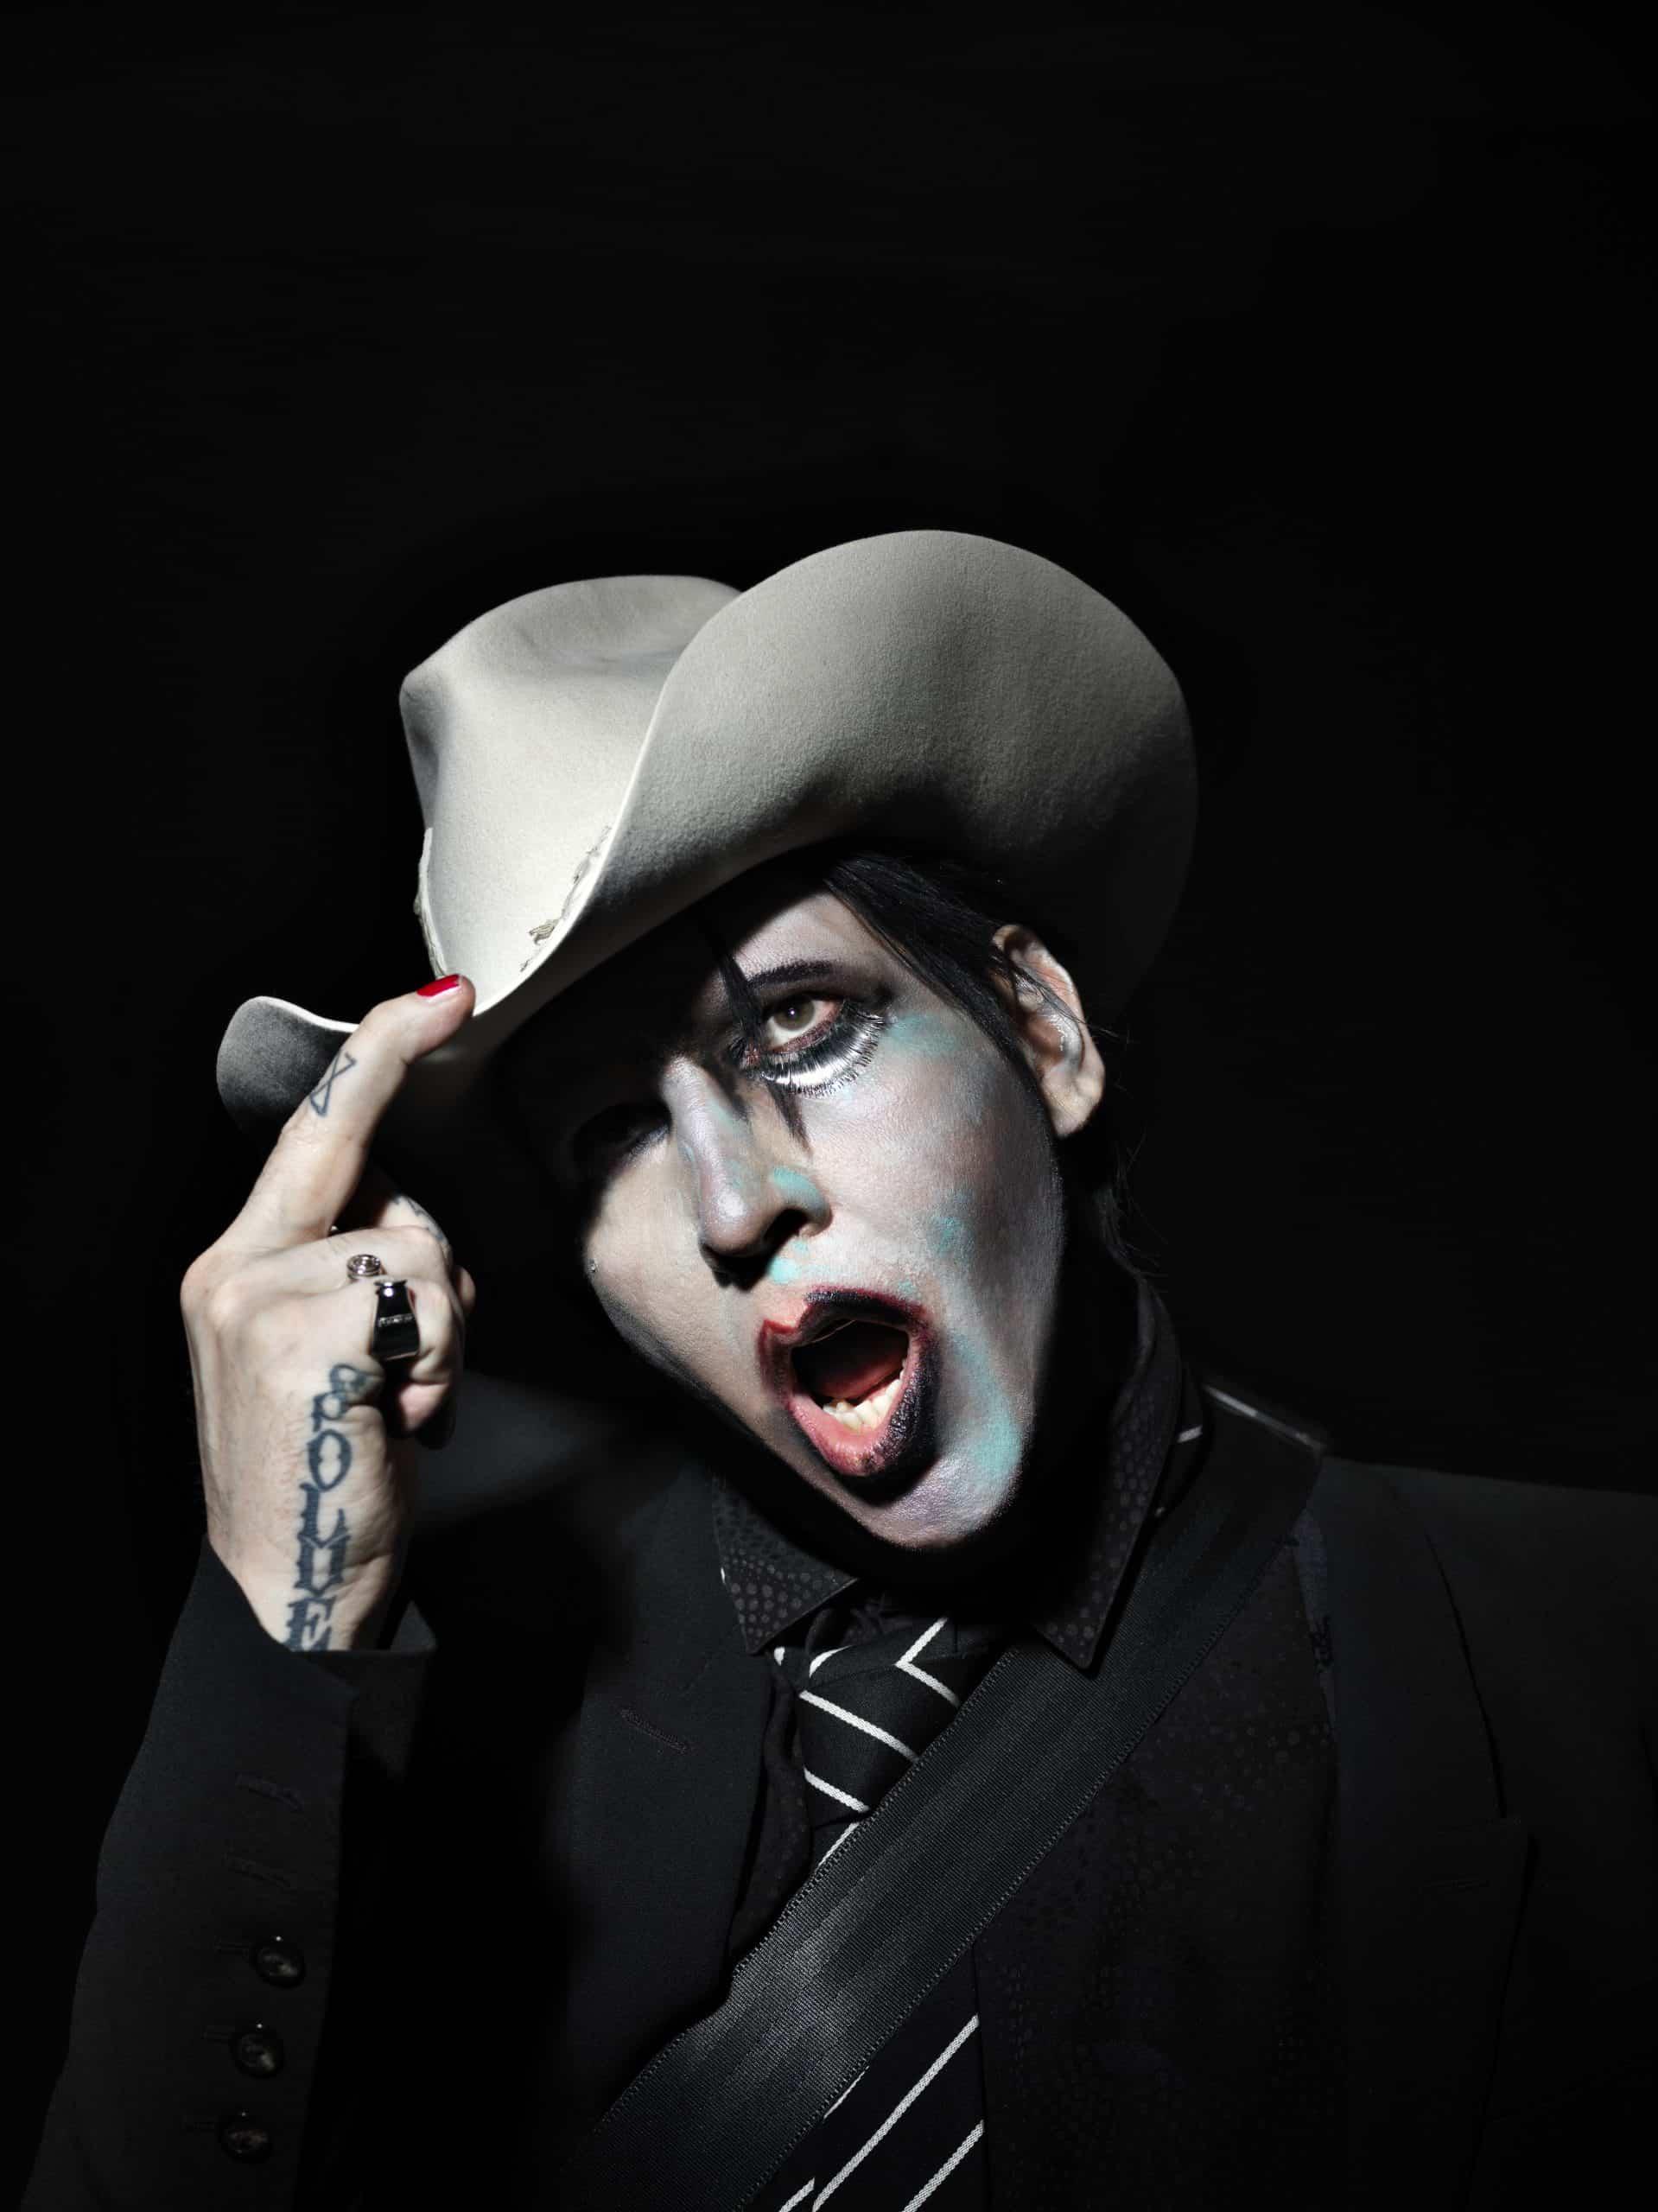 nouveau single de Marilyn Manson 2020 We Are Chaos